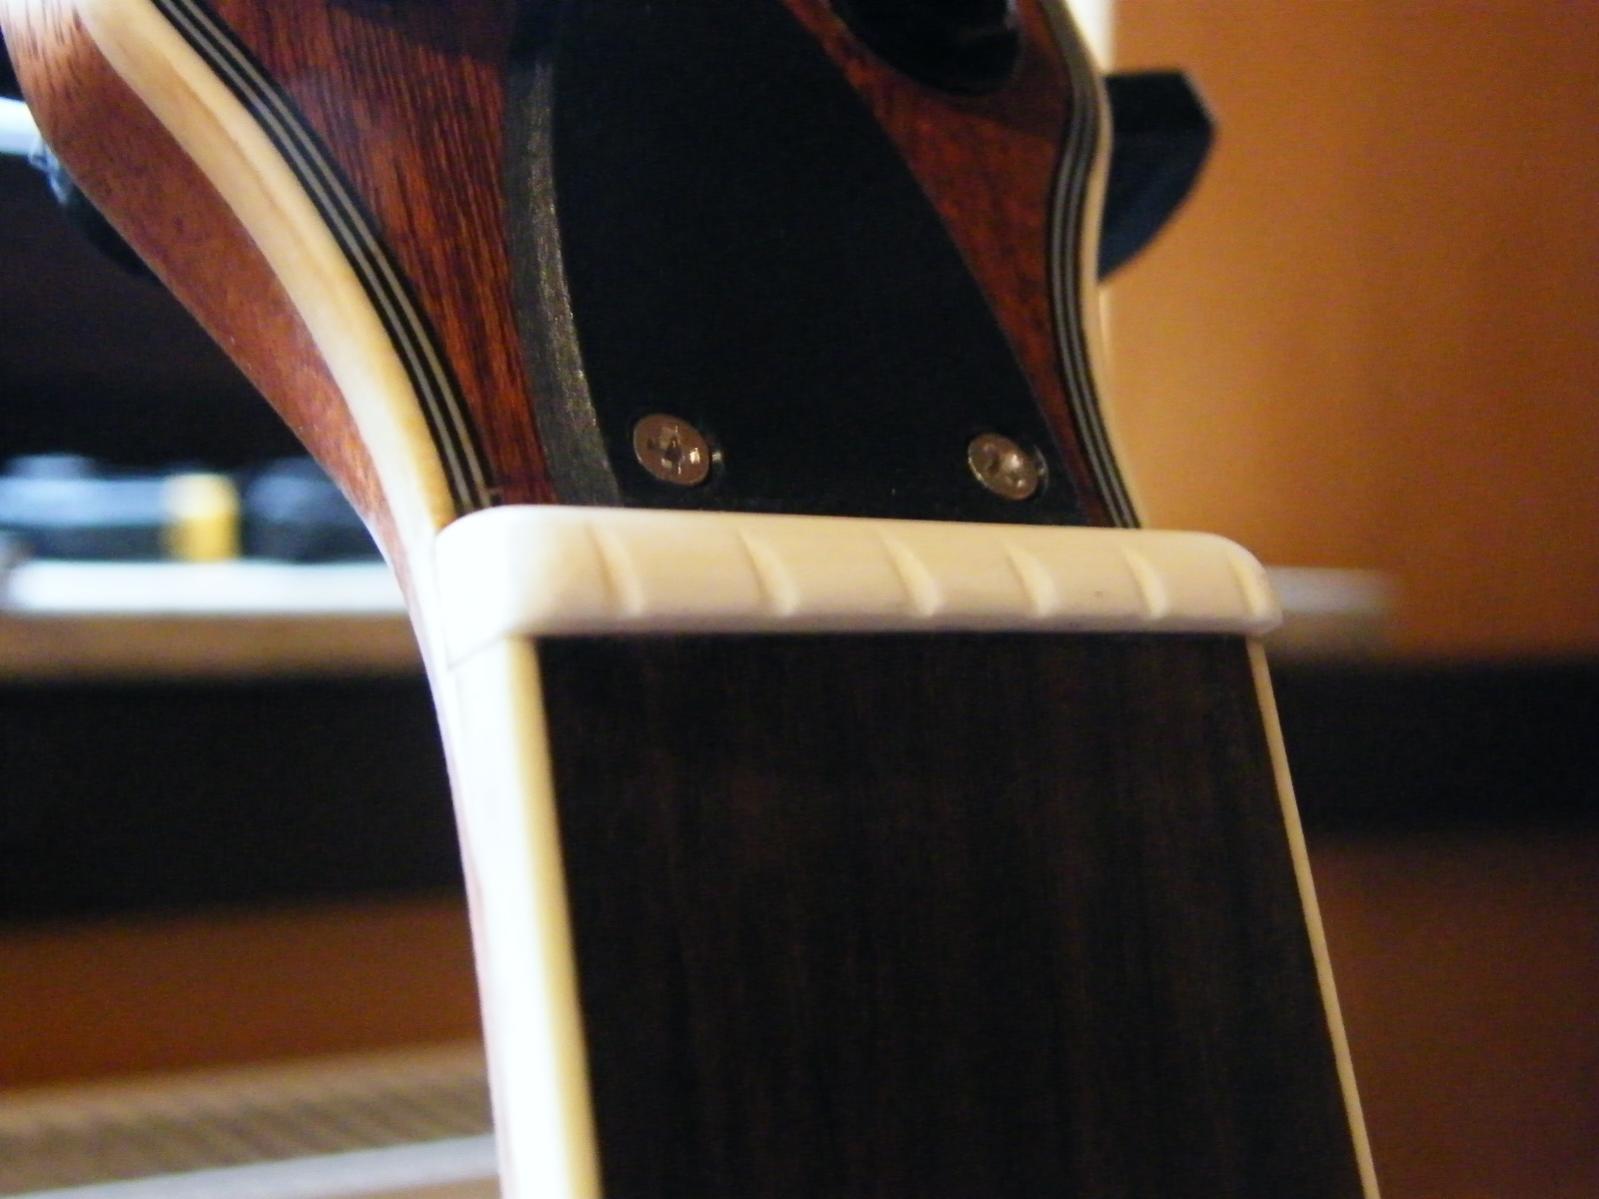 Idee einesr Les Paul auf aktive Version | Musiker-Board